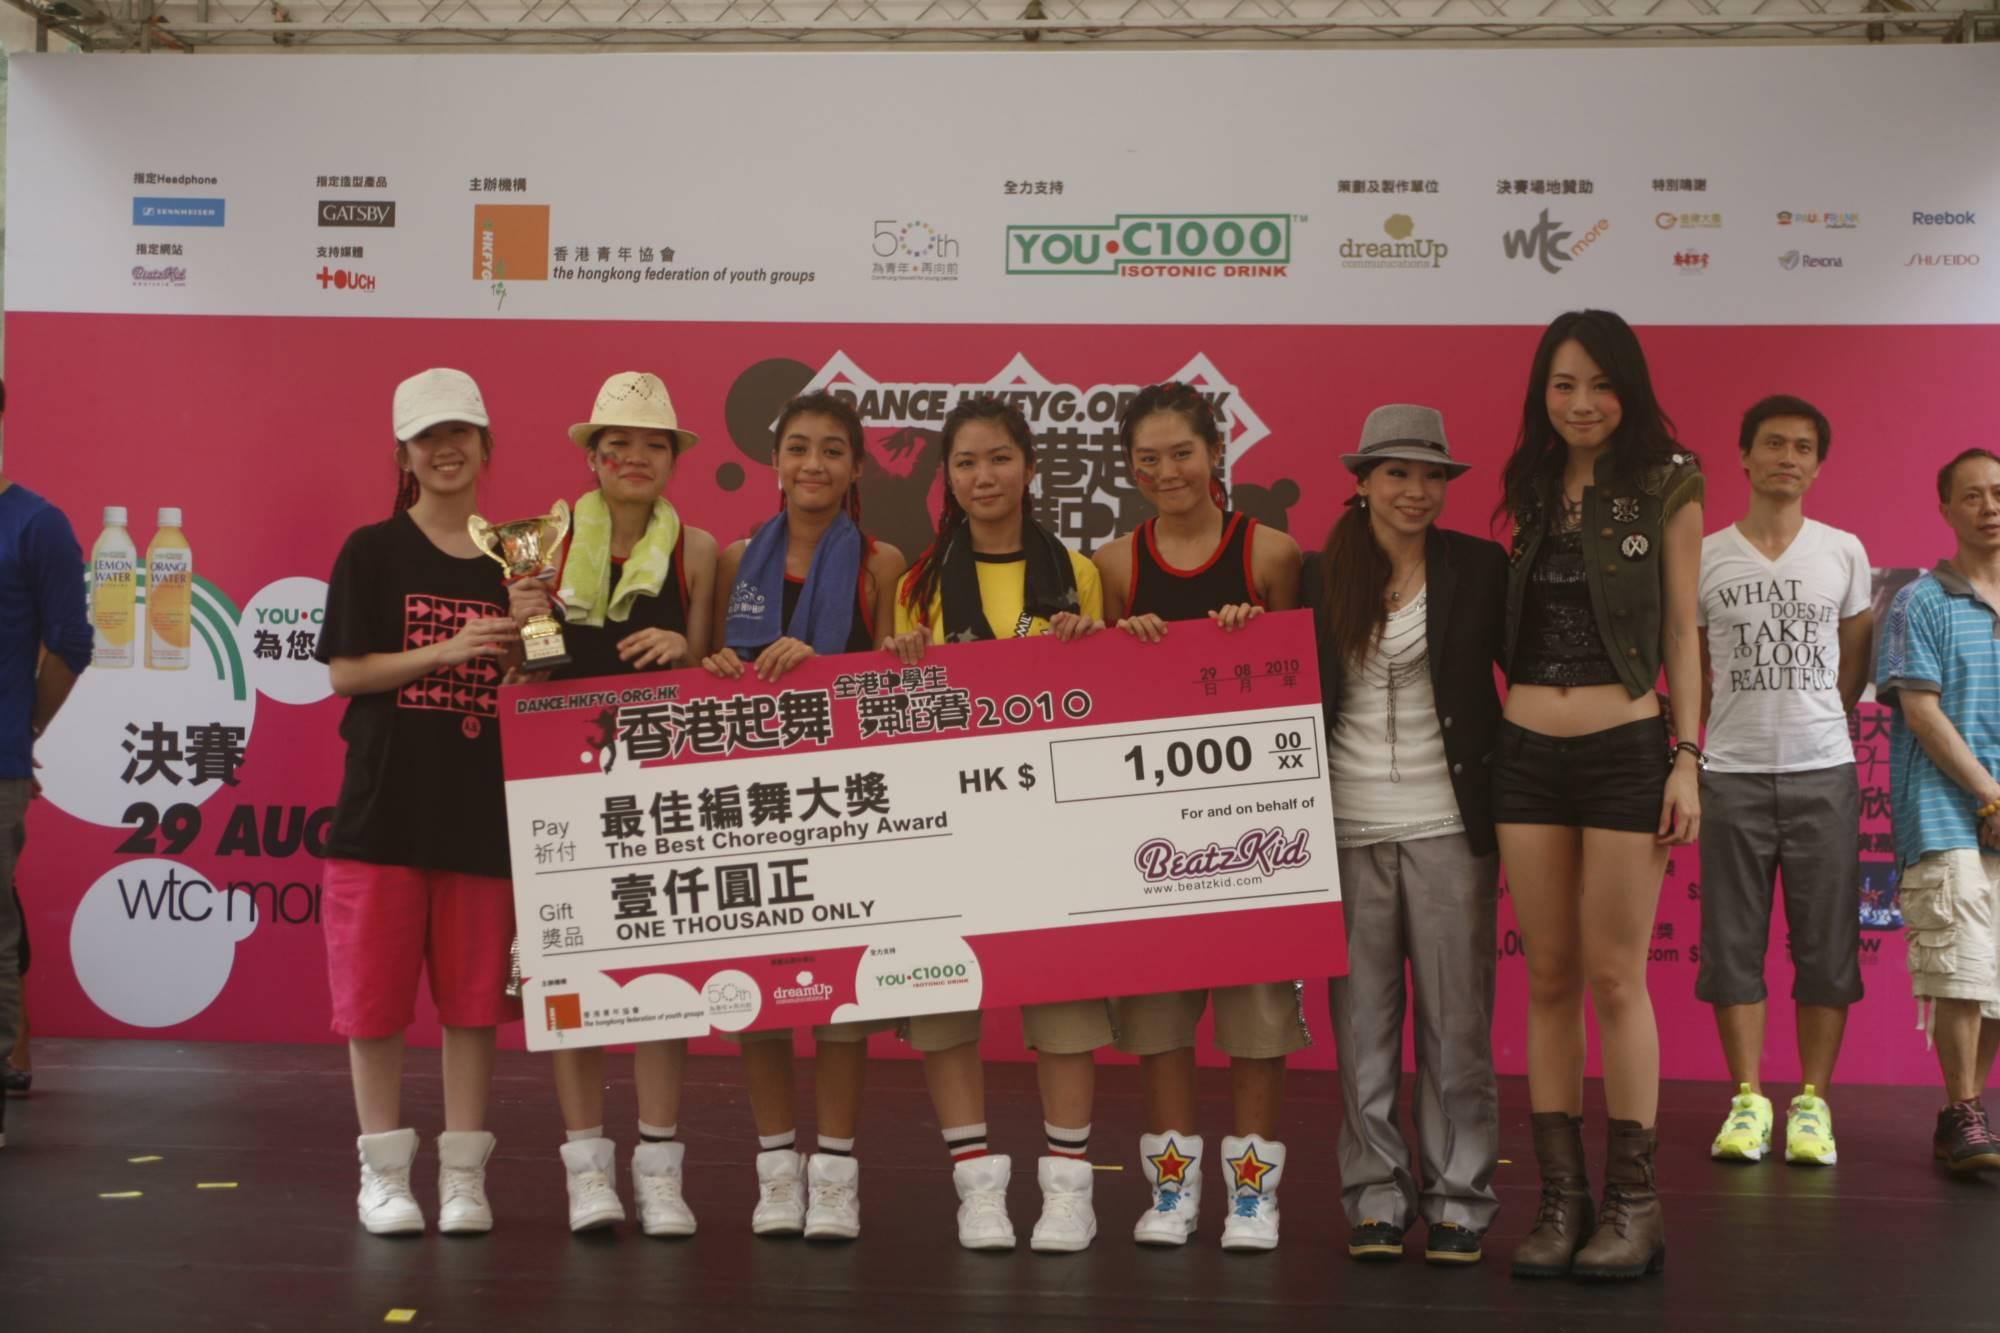 全港中學生舞蹈賽2010得獎隊伍 (6)